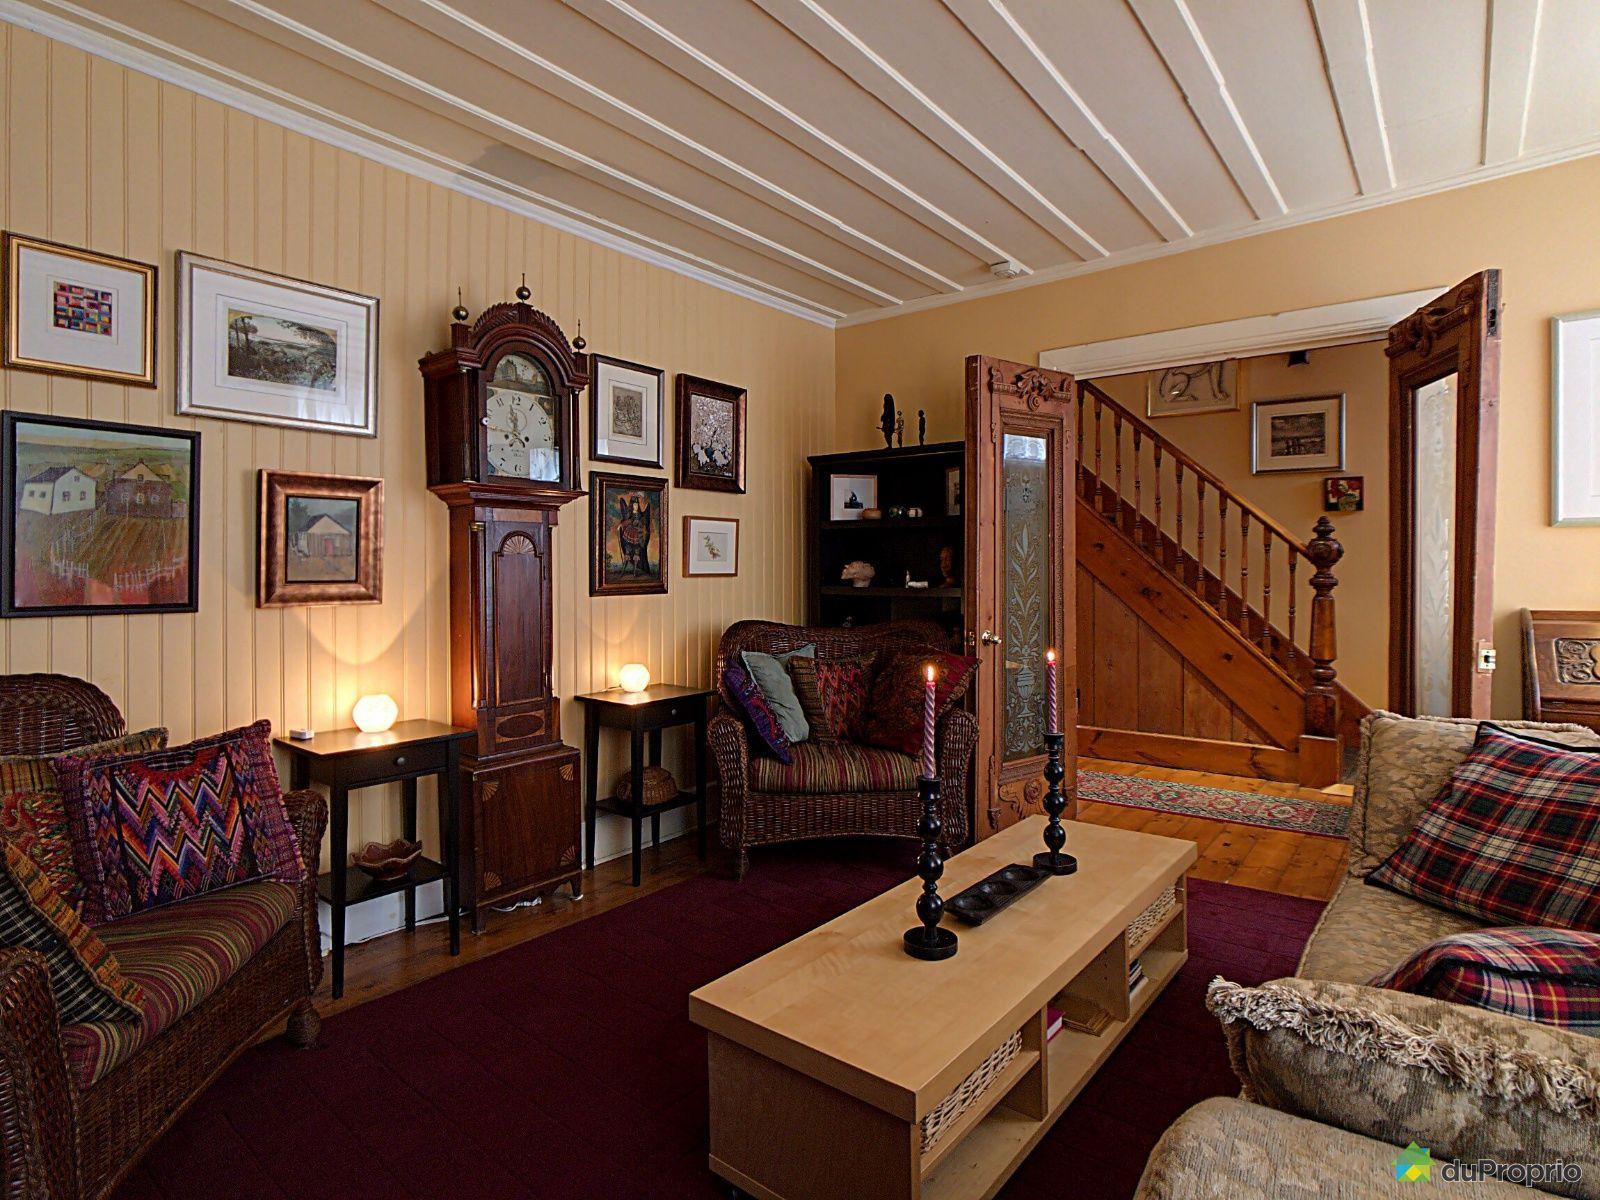 Un aperçu de l'intérieur de la résidence.